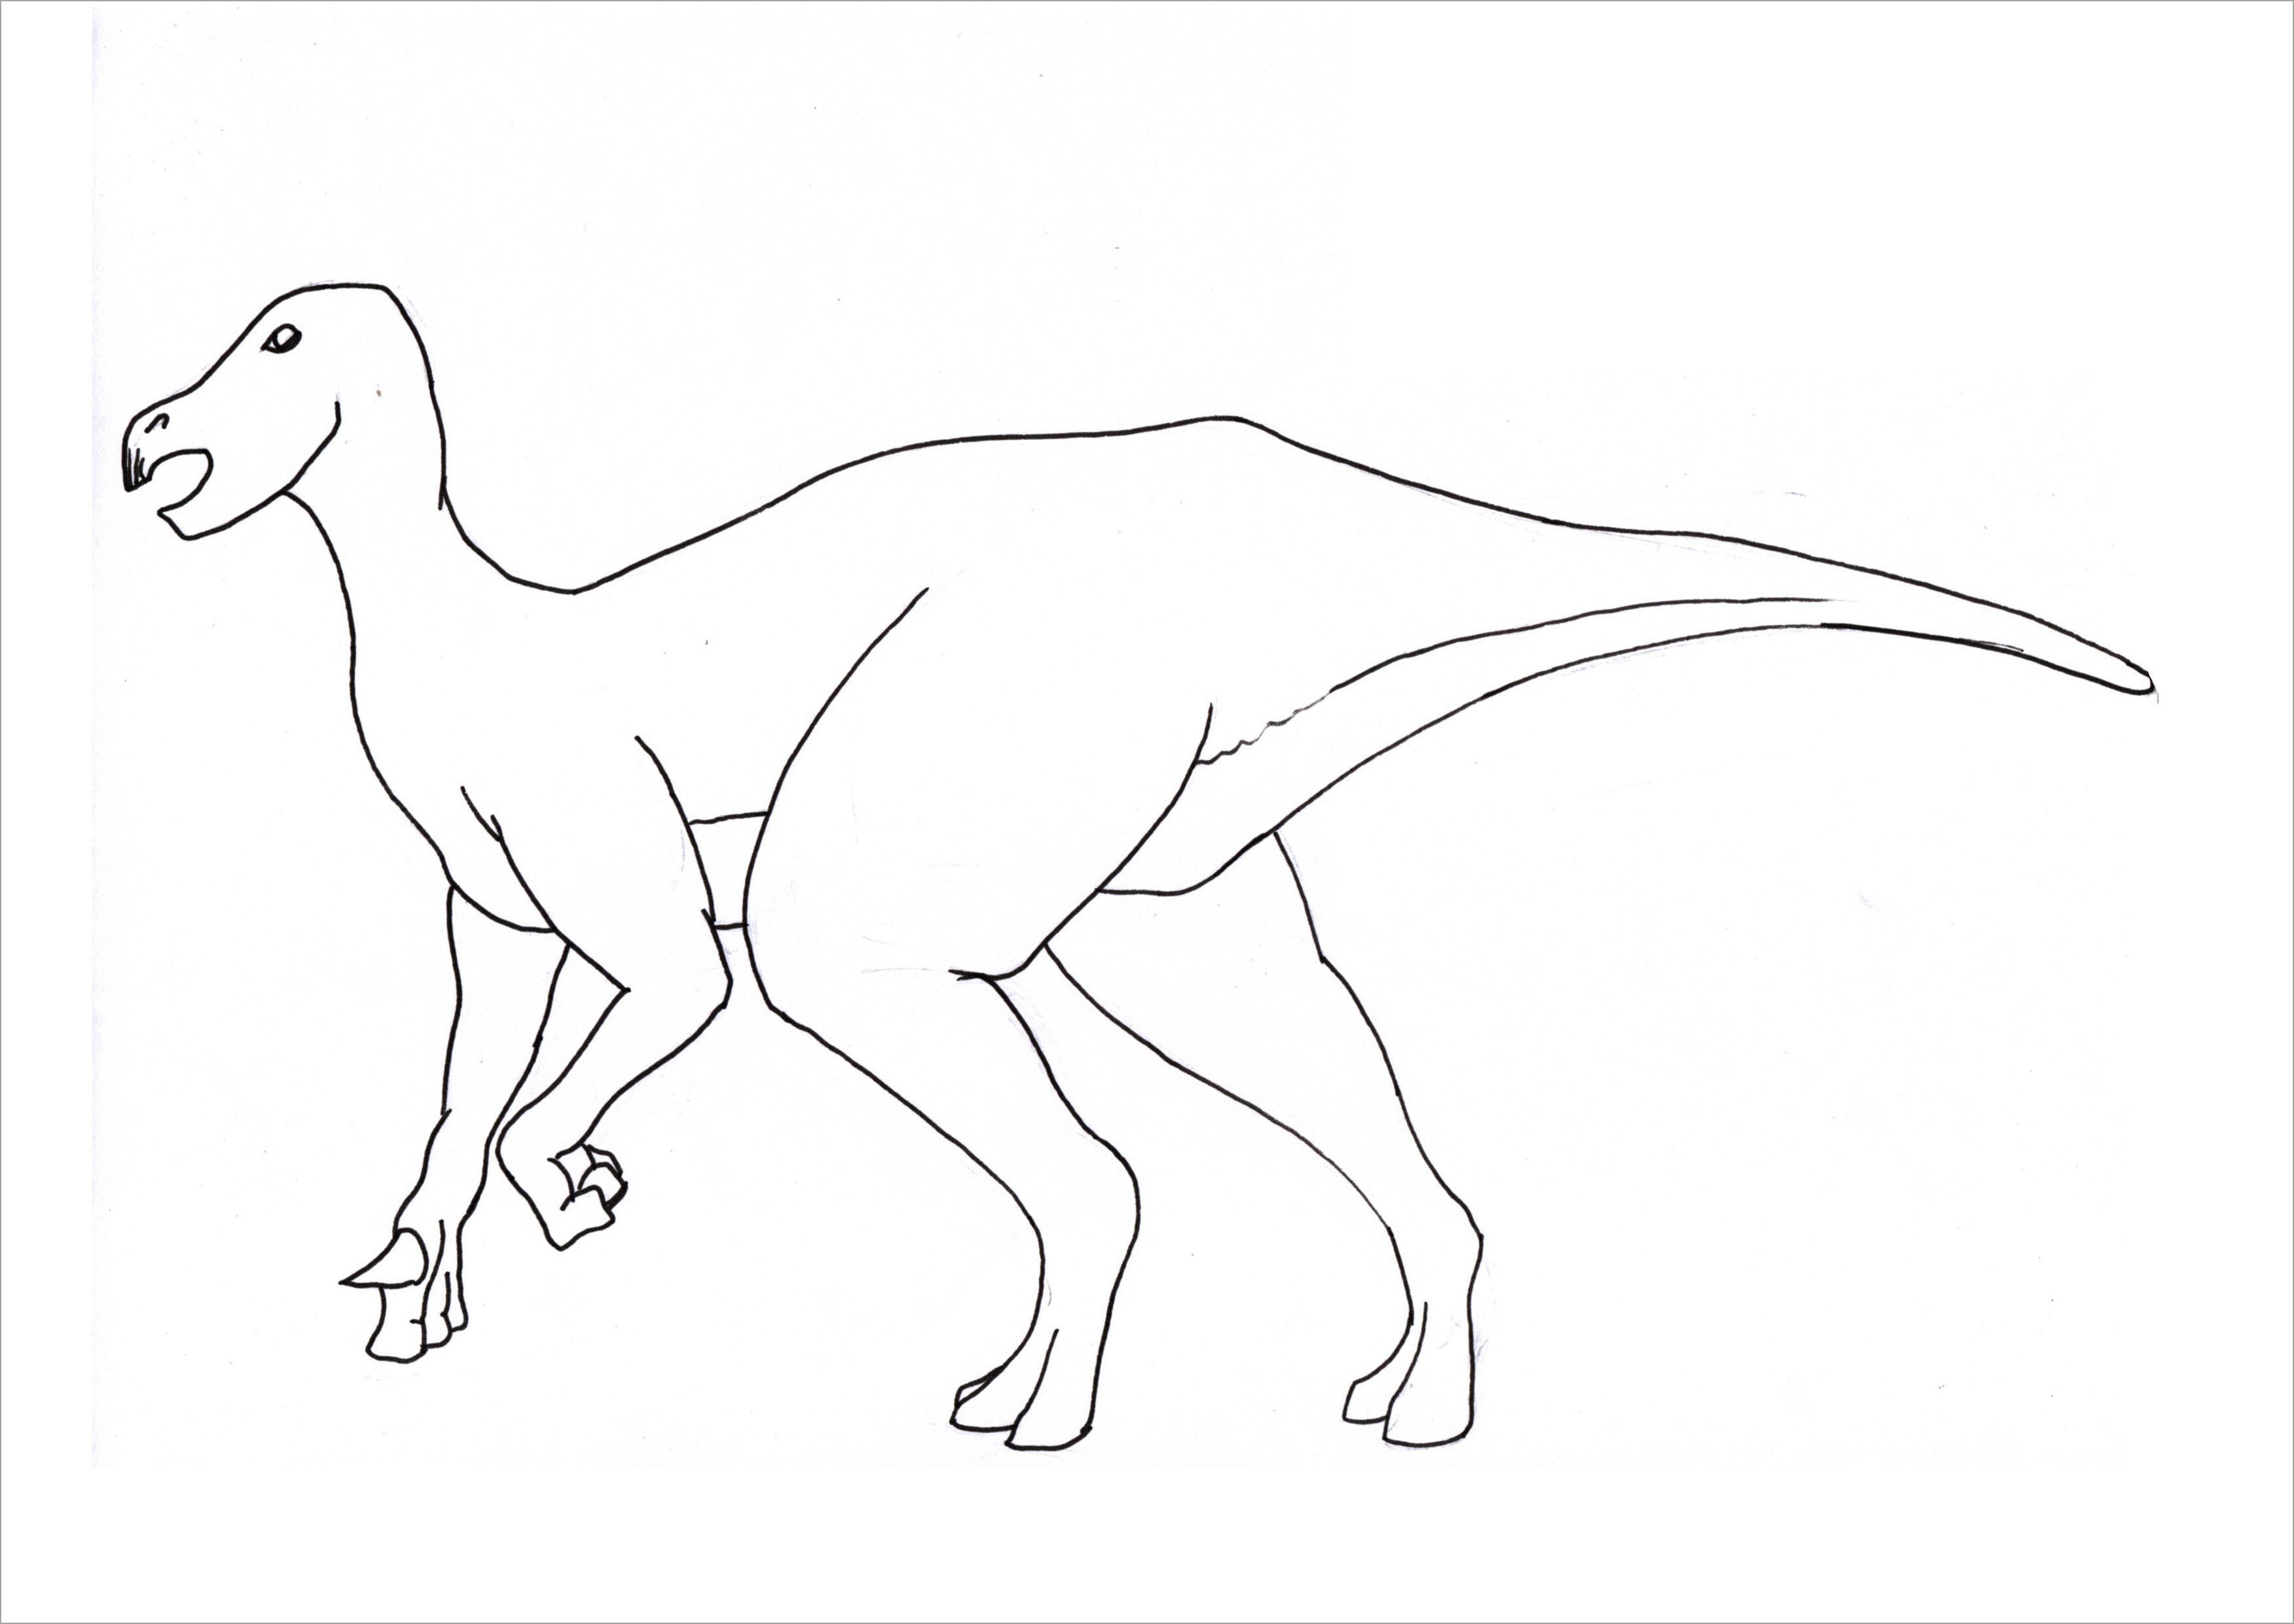 Tranh tô màu khủng long đơn giản